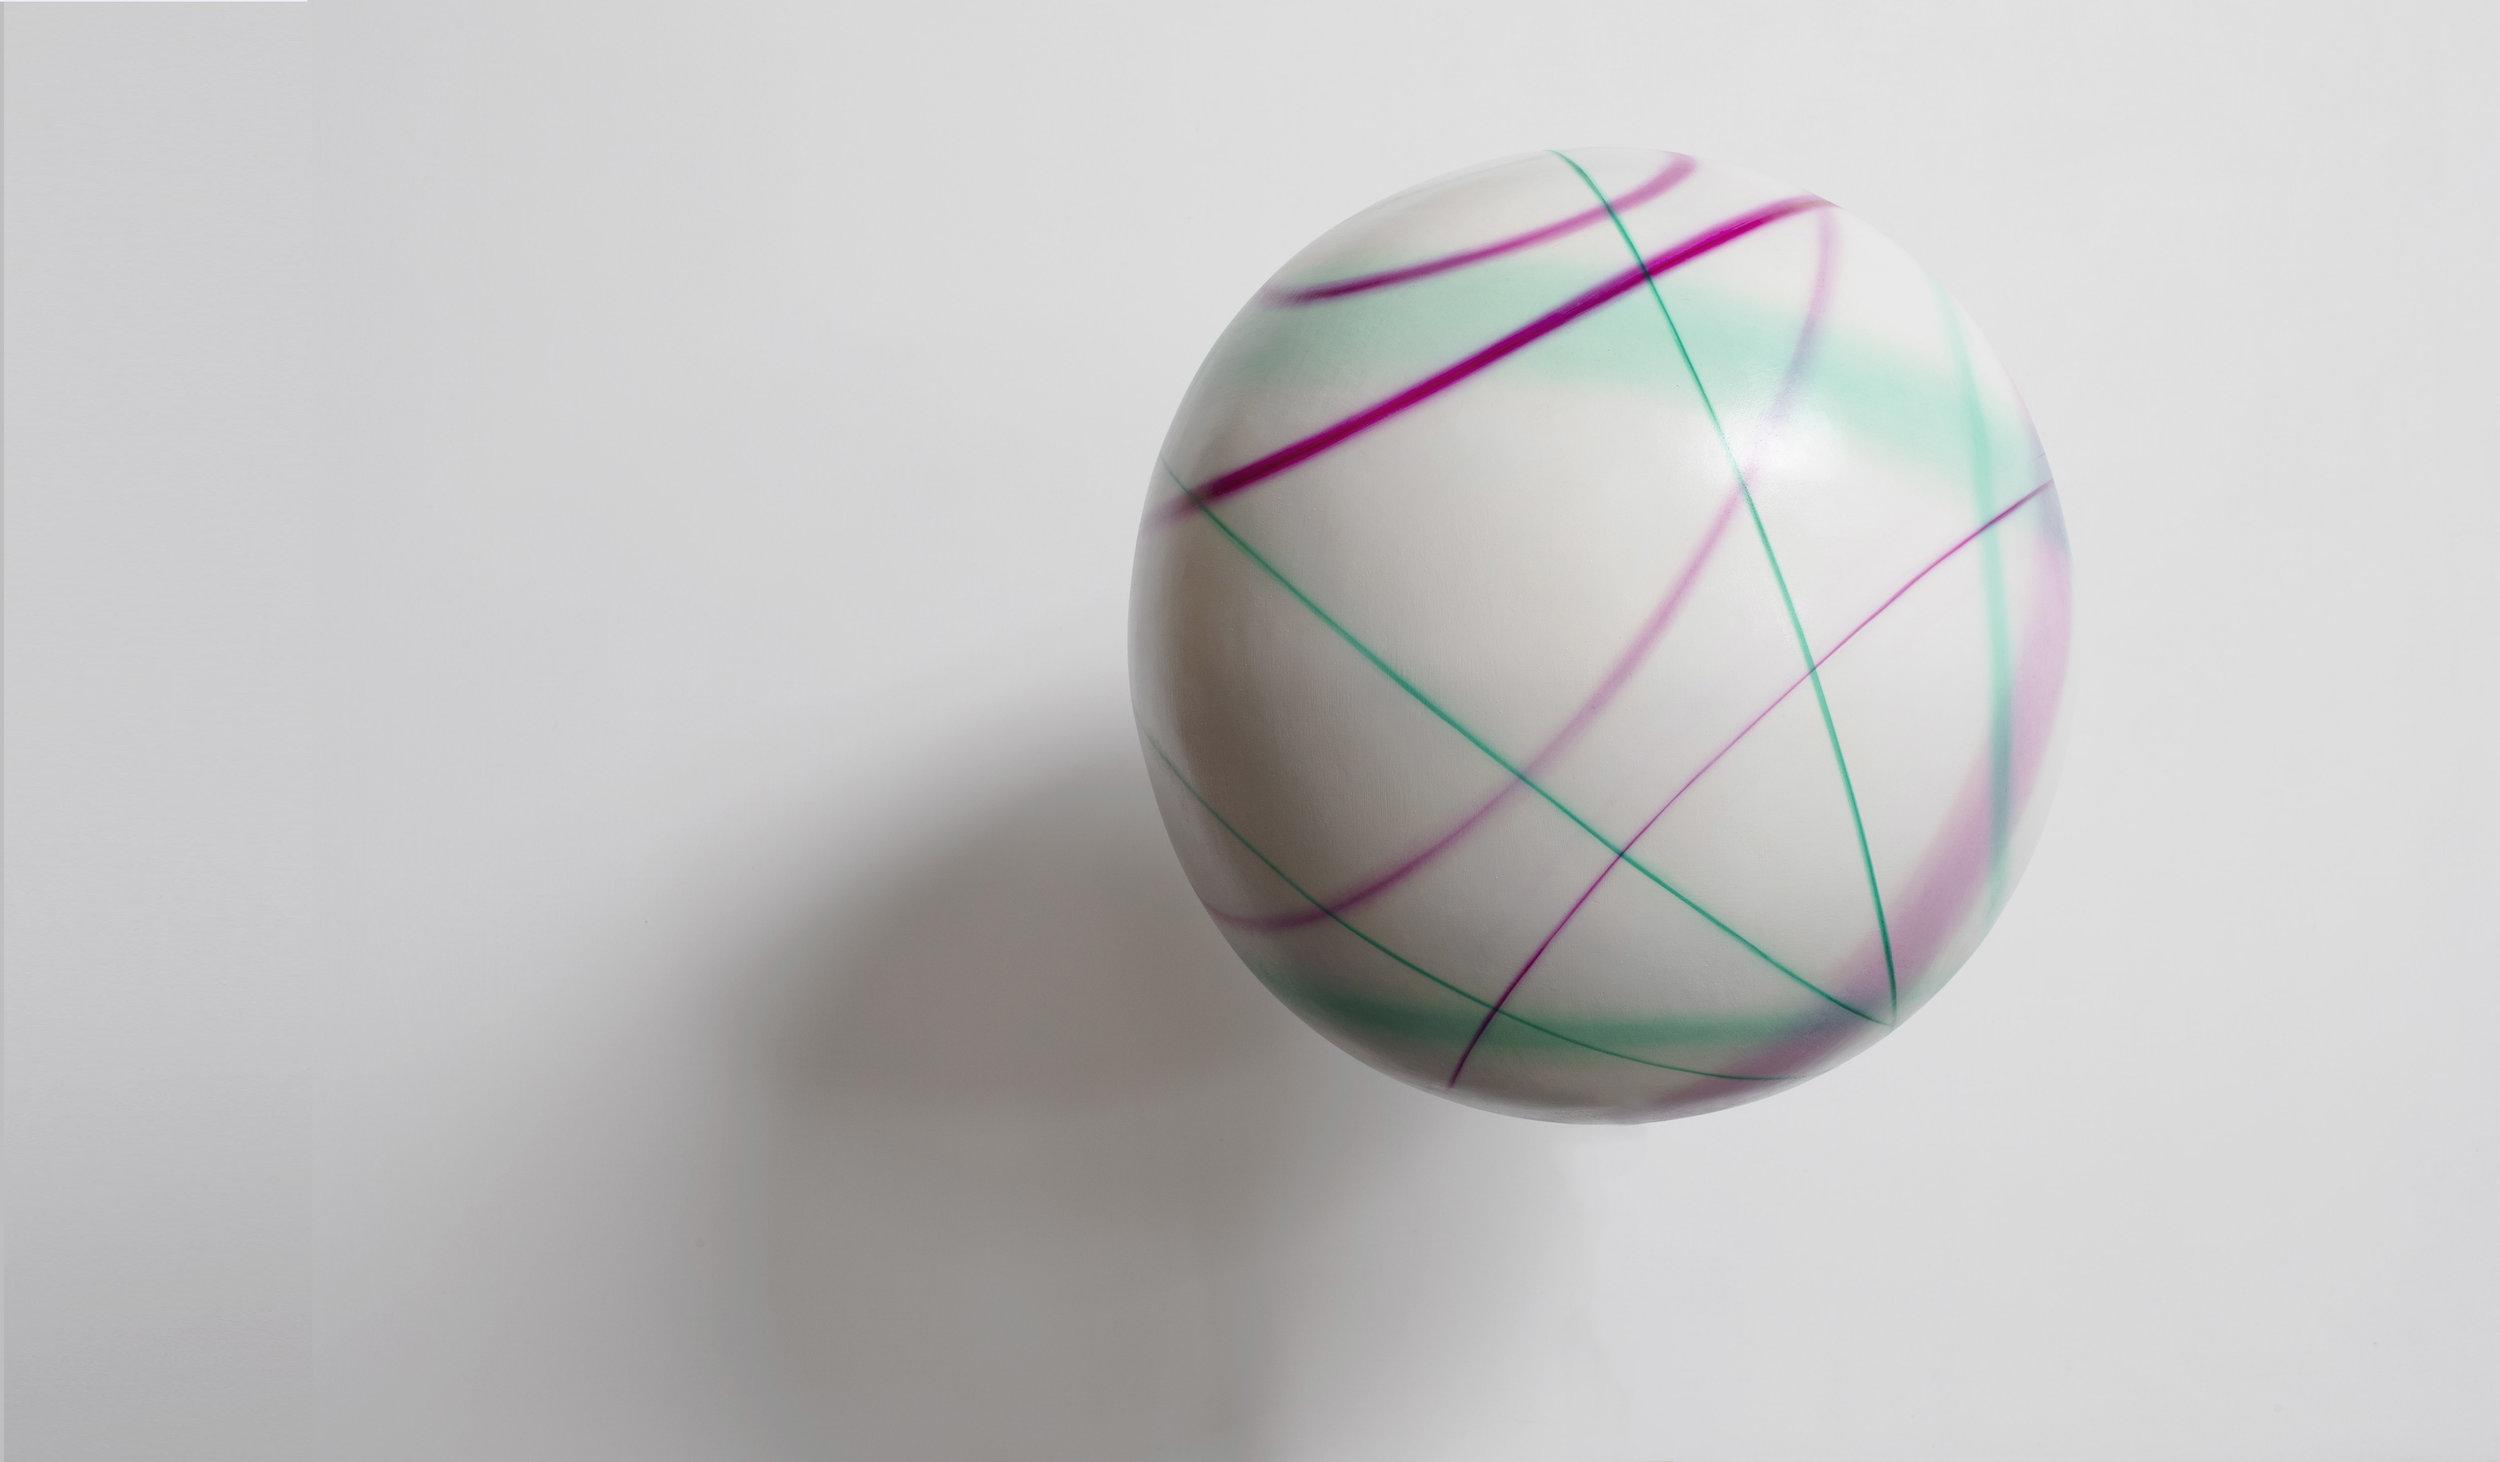 光線11 Light-Beam 11  油彩畫布/木板 Oil on canvas/board 直徑60cm 立體球型 2018